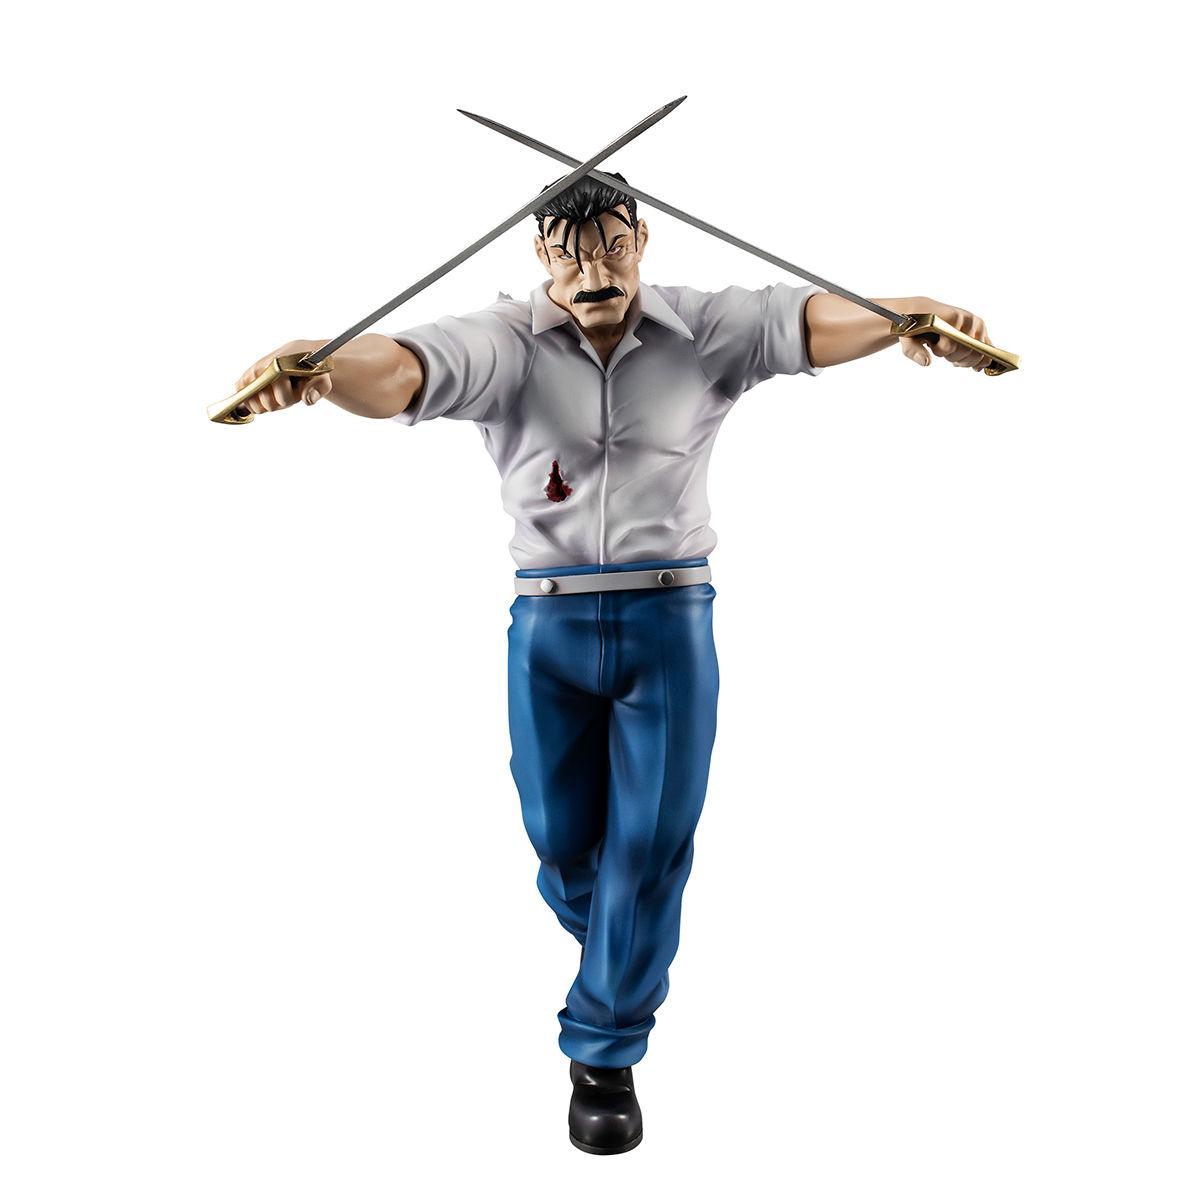 【限定販売】G.E.M.シリーズ『ラース(キング・ブラッドレイ)』鋼の錬金術師 完成品フィギュア-006